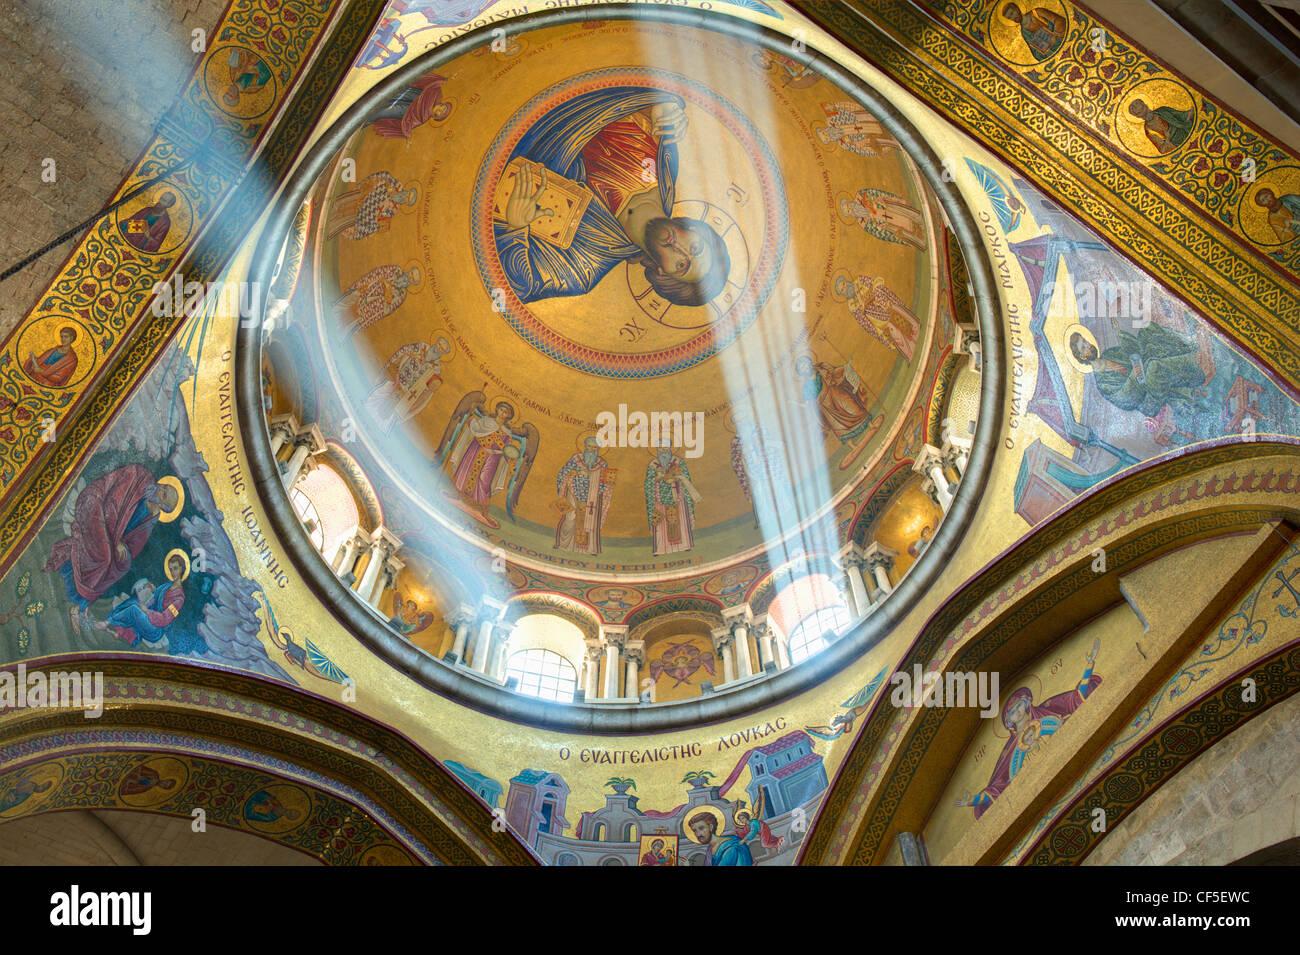 La cupola del Catholicon che la chiesa al centro della chiesa del Santo Sepolcro a Gerusalemme, Israele. Foto Stock